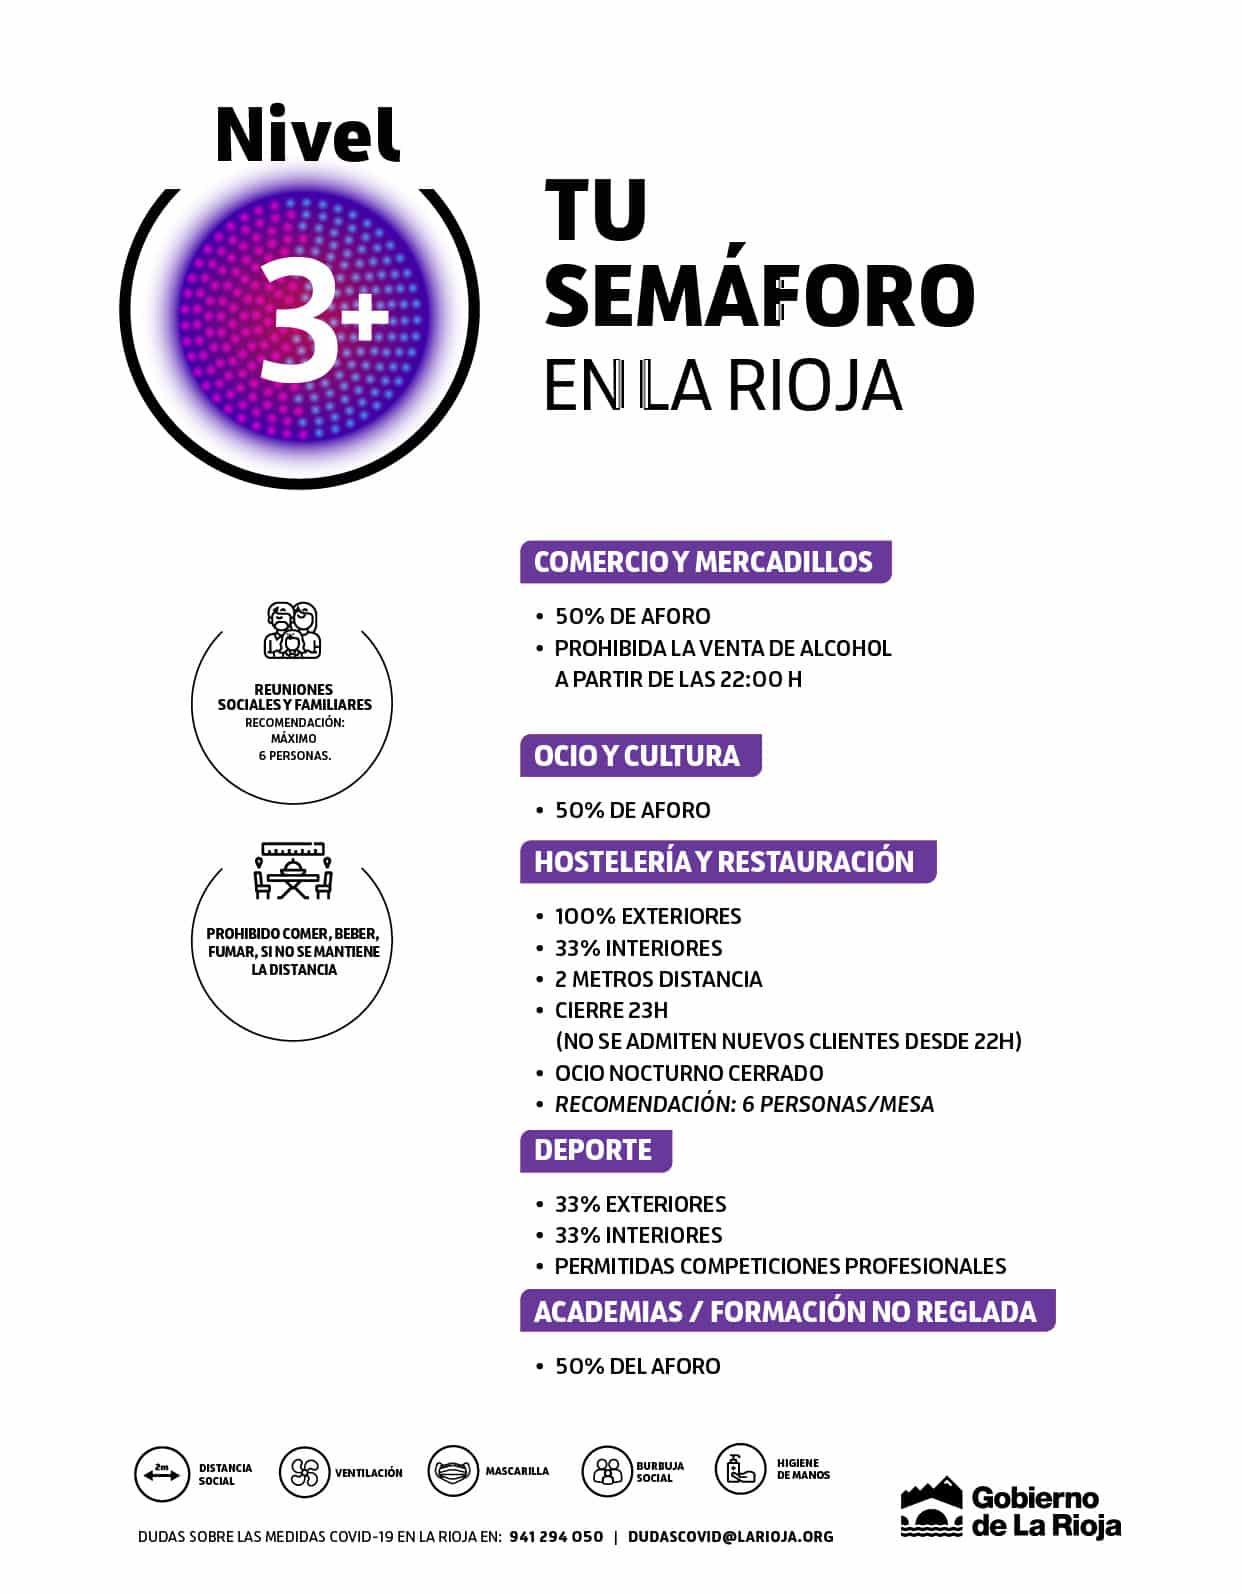 La Rioja se situará en el nivel 3 del nuevo 'semáforo' COVID 1